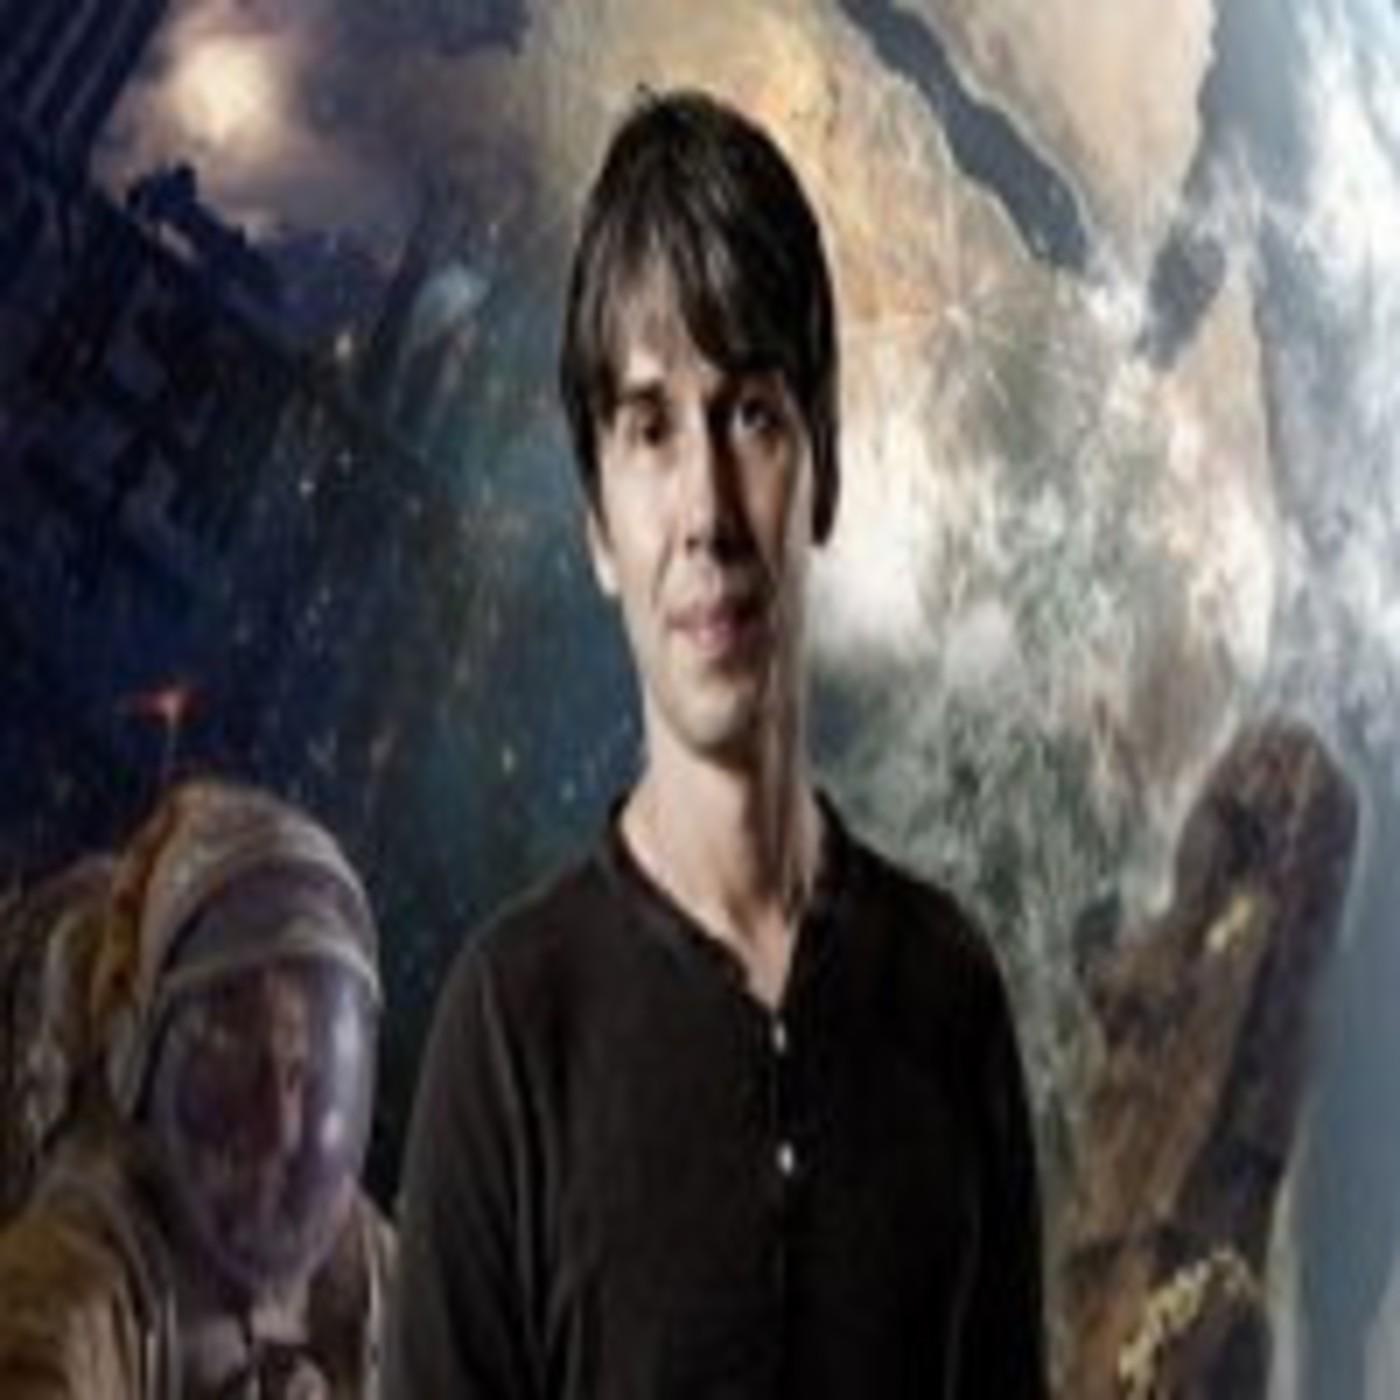 El universo humano: De mono a astronauta